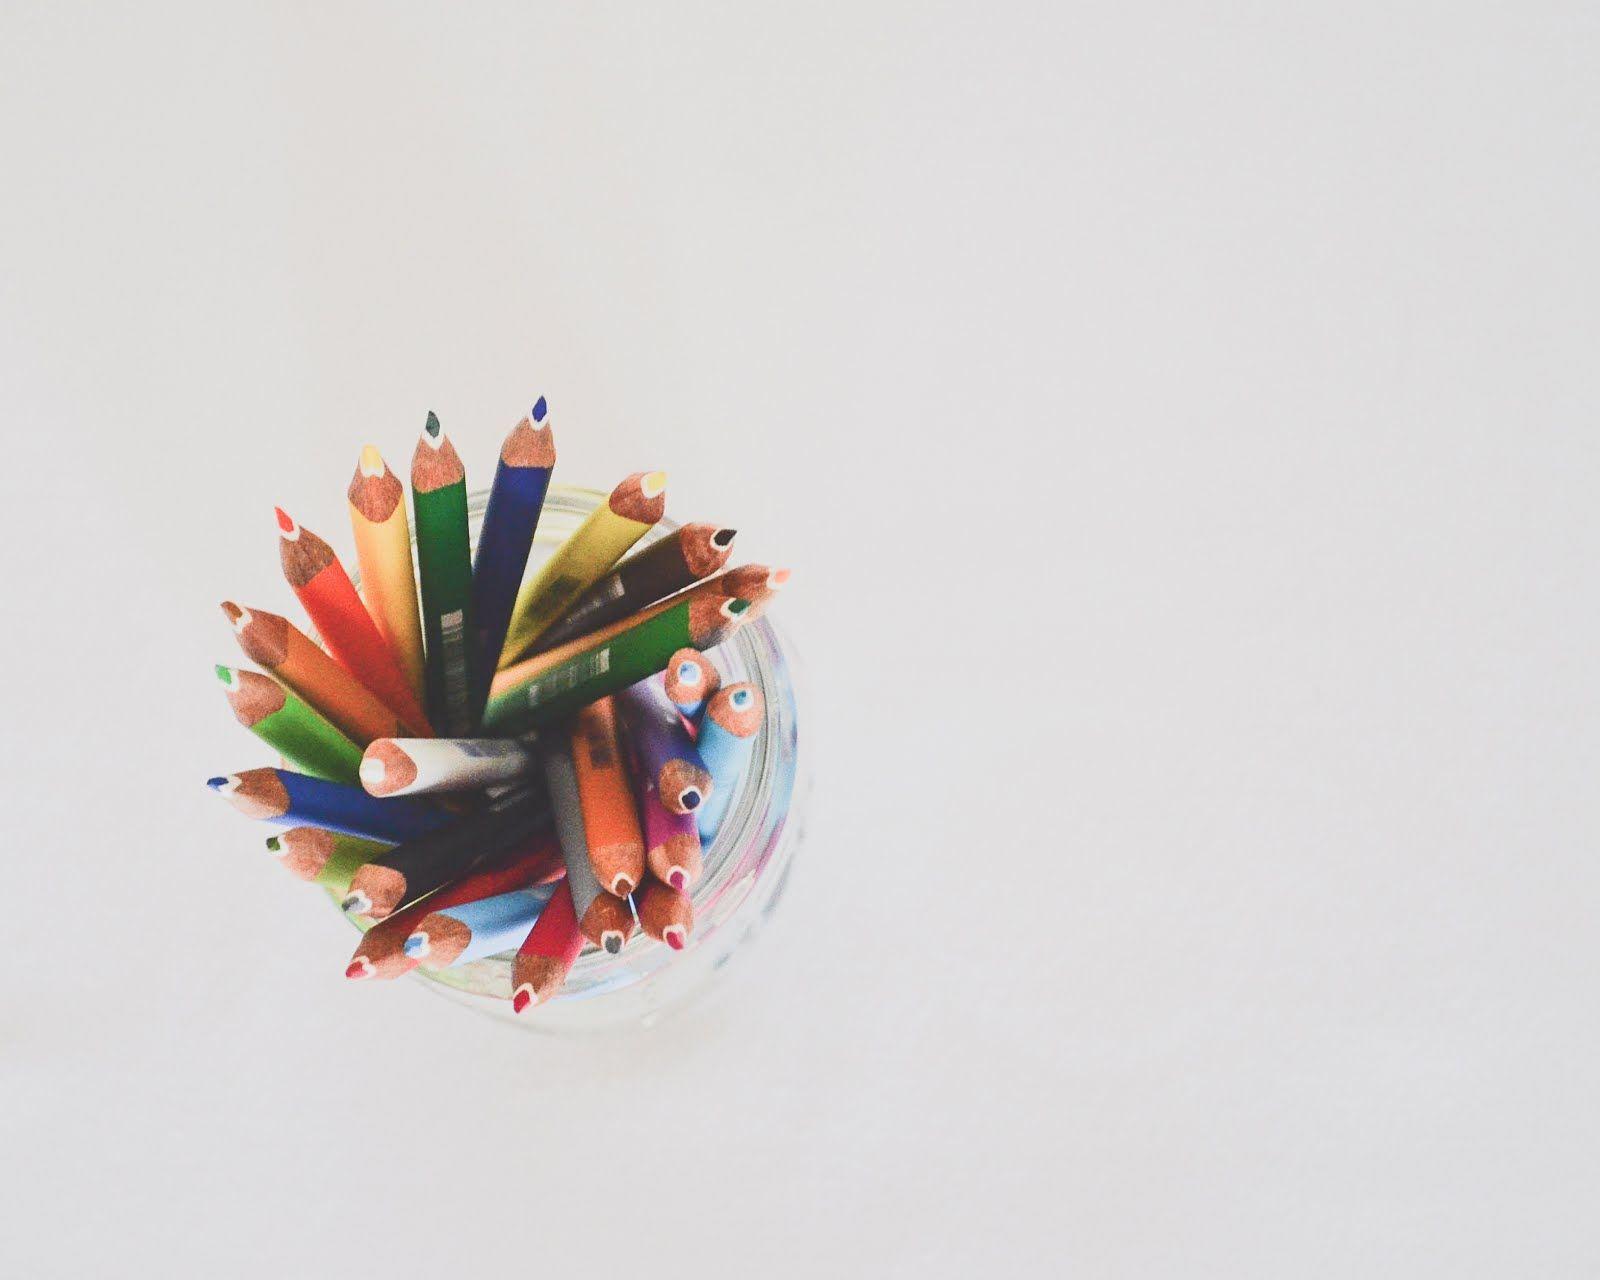 خلفيات بوربوينت مدرسية Art Projects For Adults Art Projects Projects For Adults